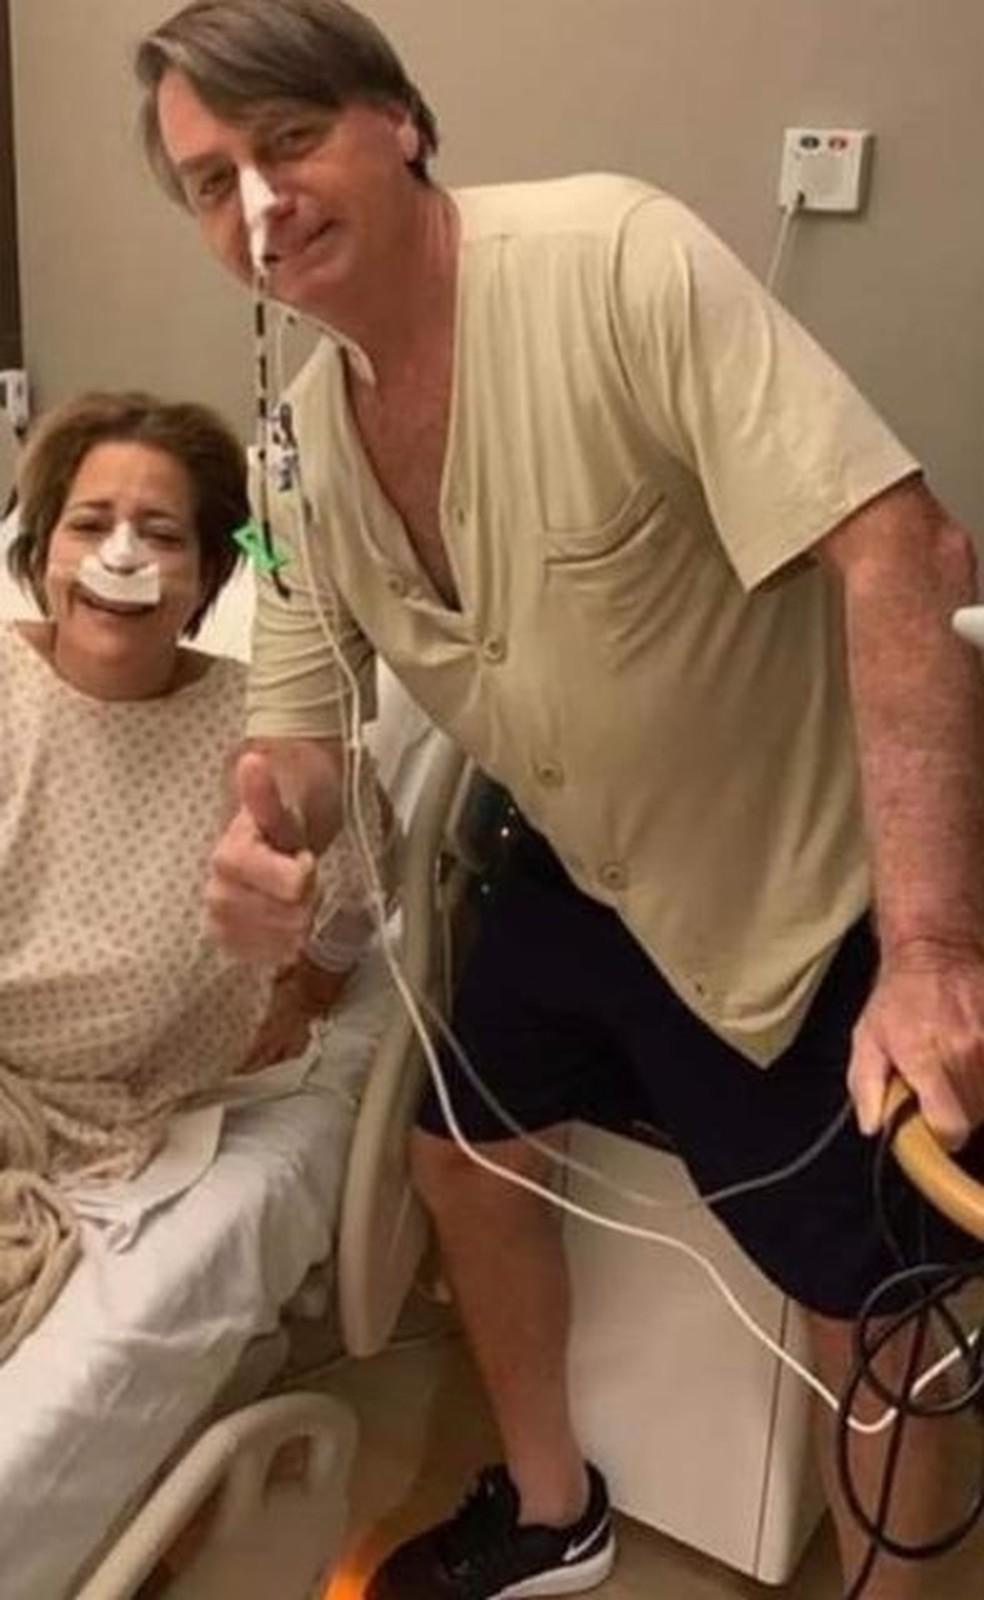 Michele posta foto de Bolsonaro de pé e sorrindo — Foto: Reprodução/ Redes sociais